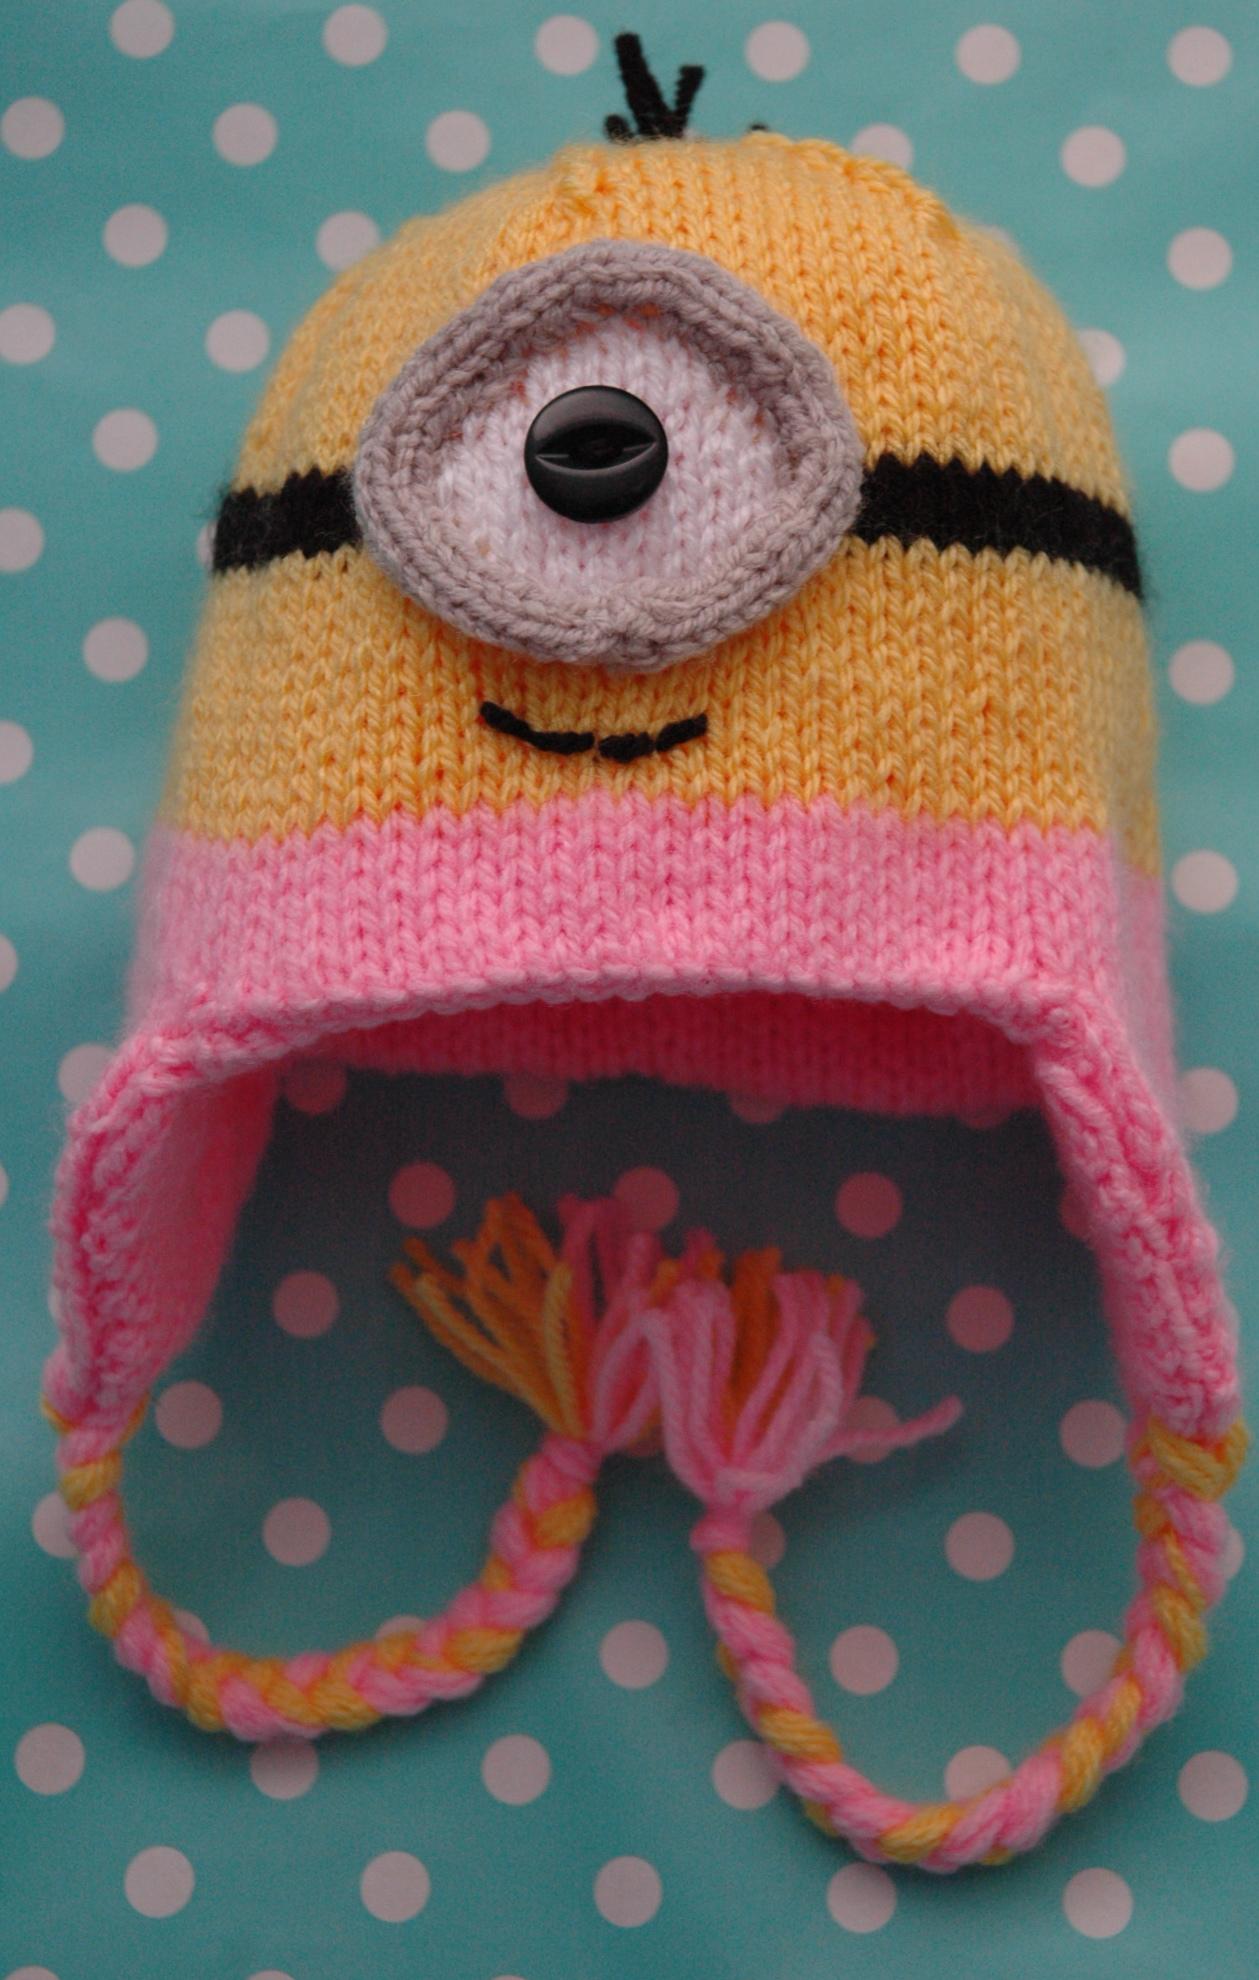 Childs Minion Hat Knitting Pattern : DK   Knitting pattern   Baby Minions Style Hat (looks like) KnitsRUs